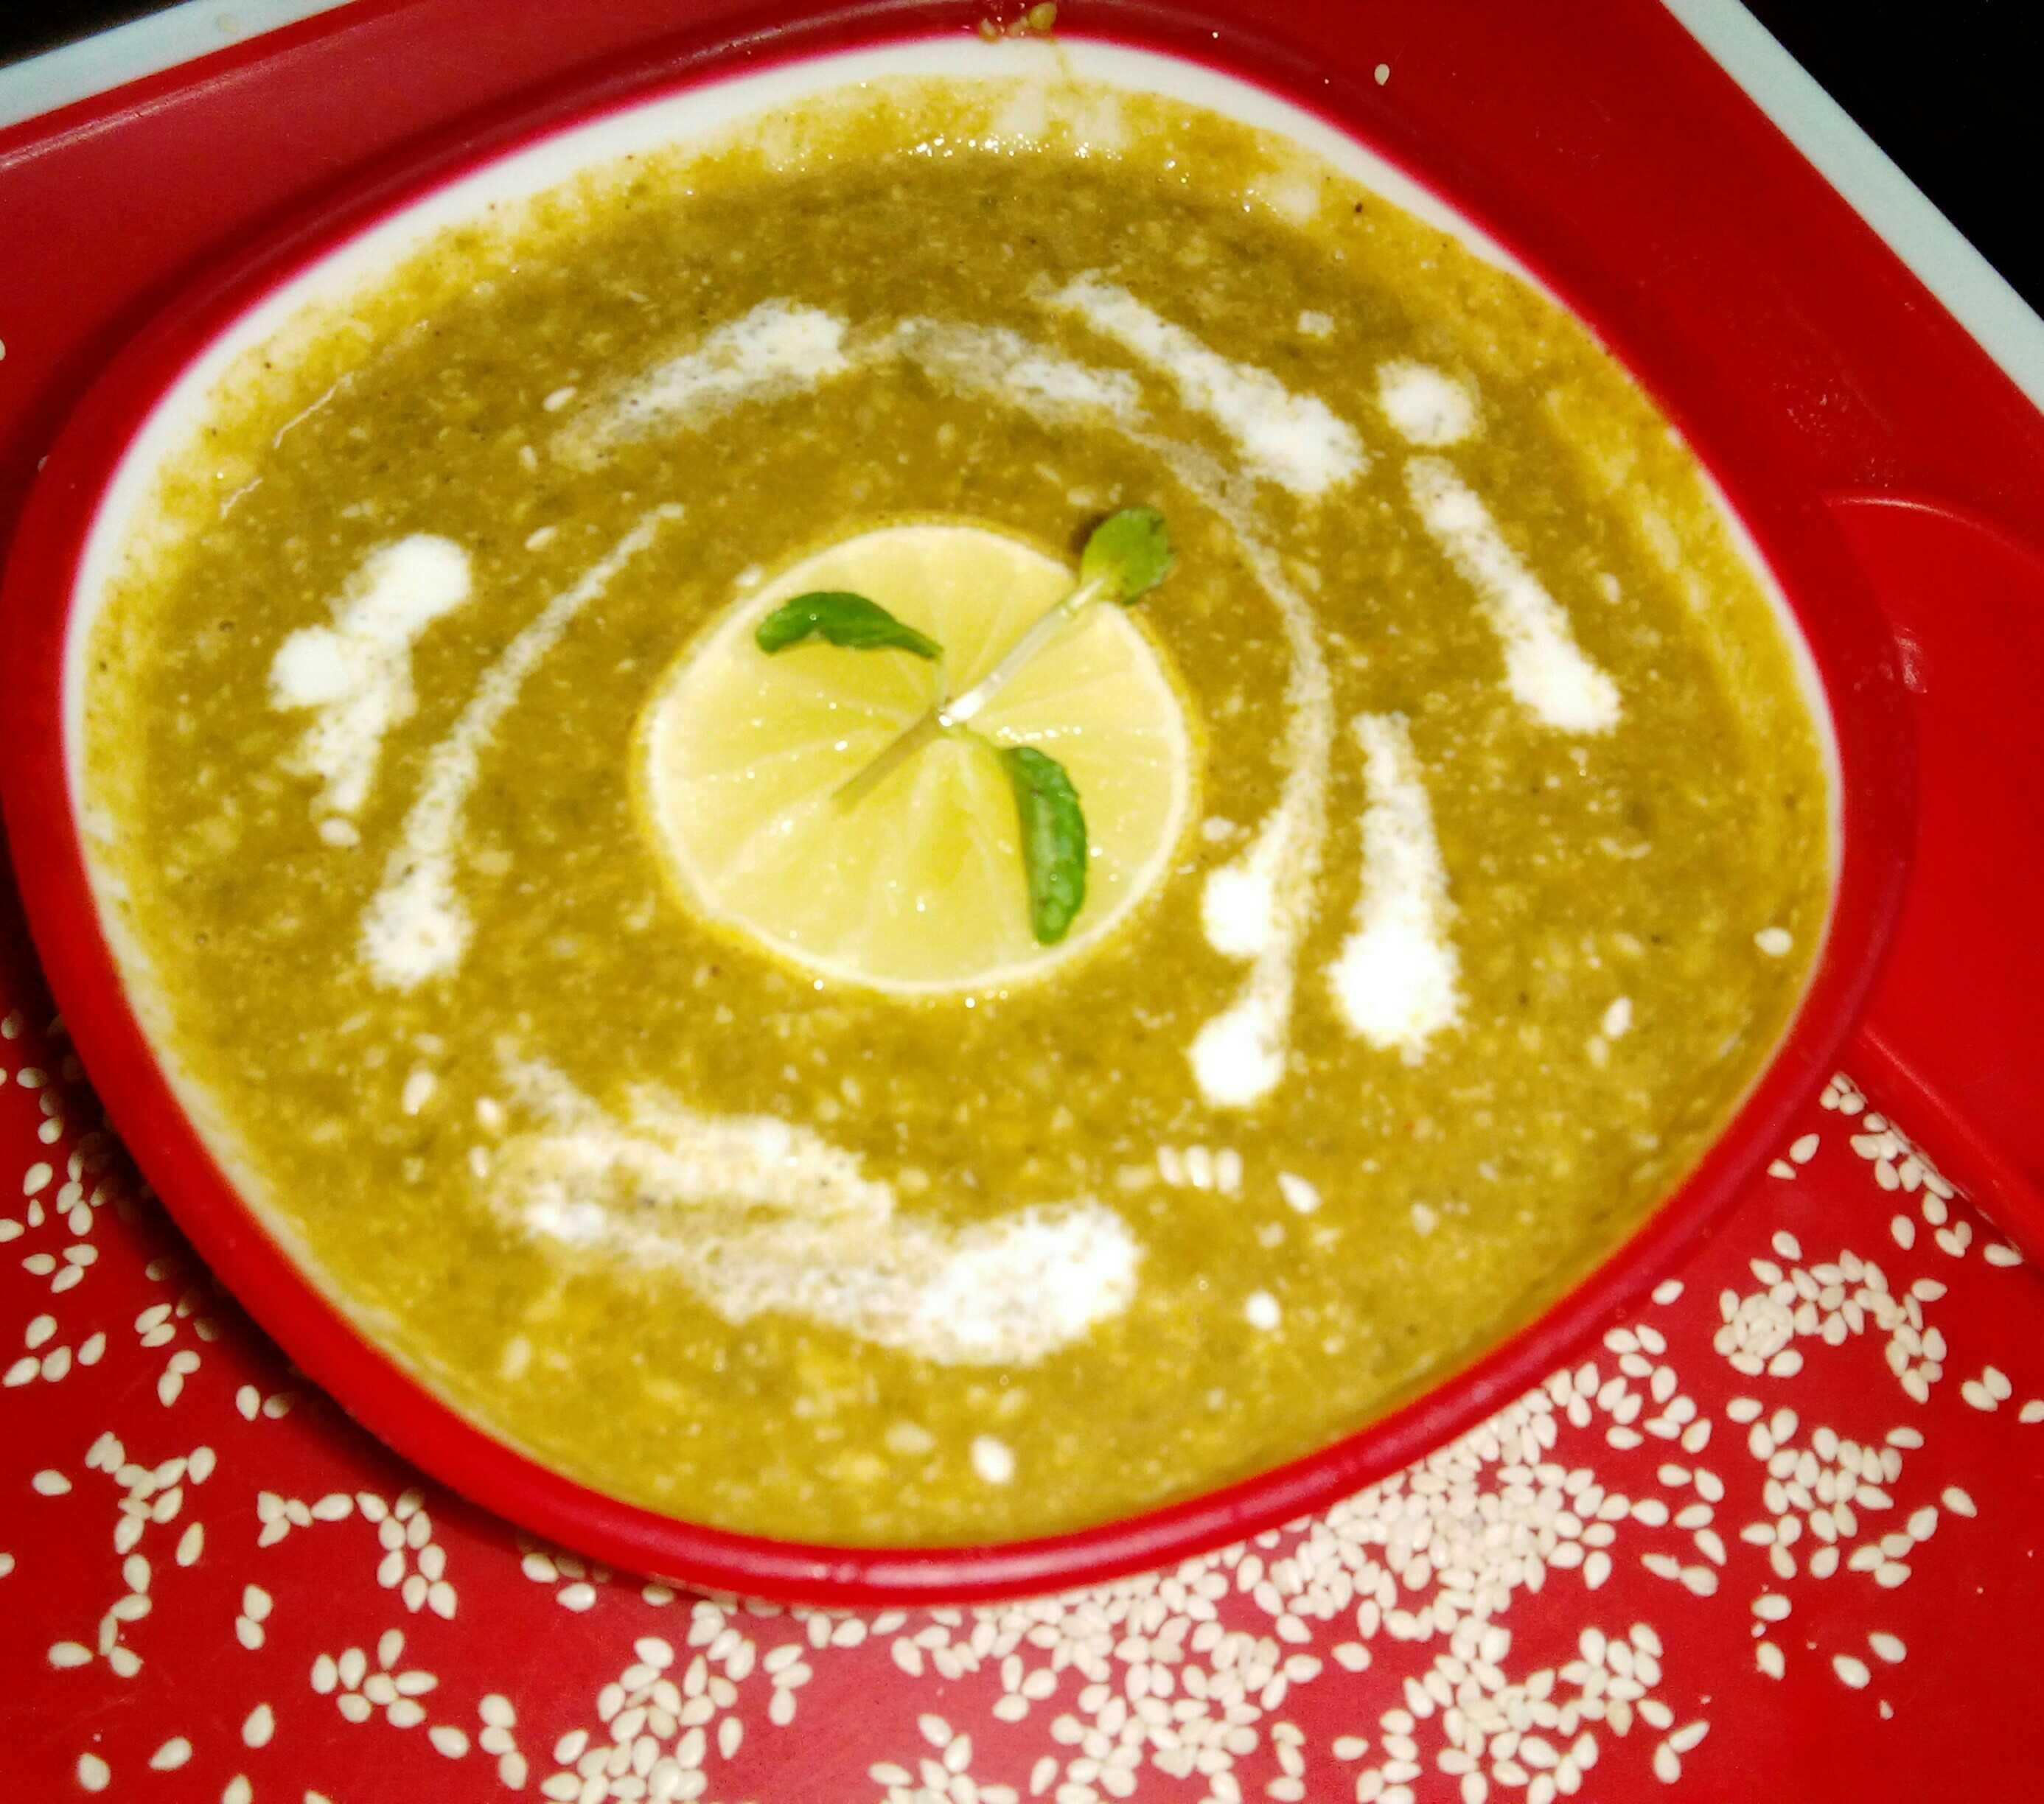 Spinach Sesame (Til) Soup